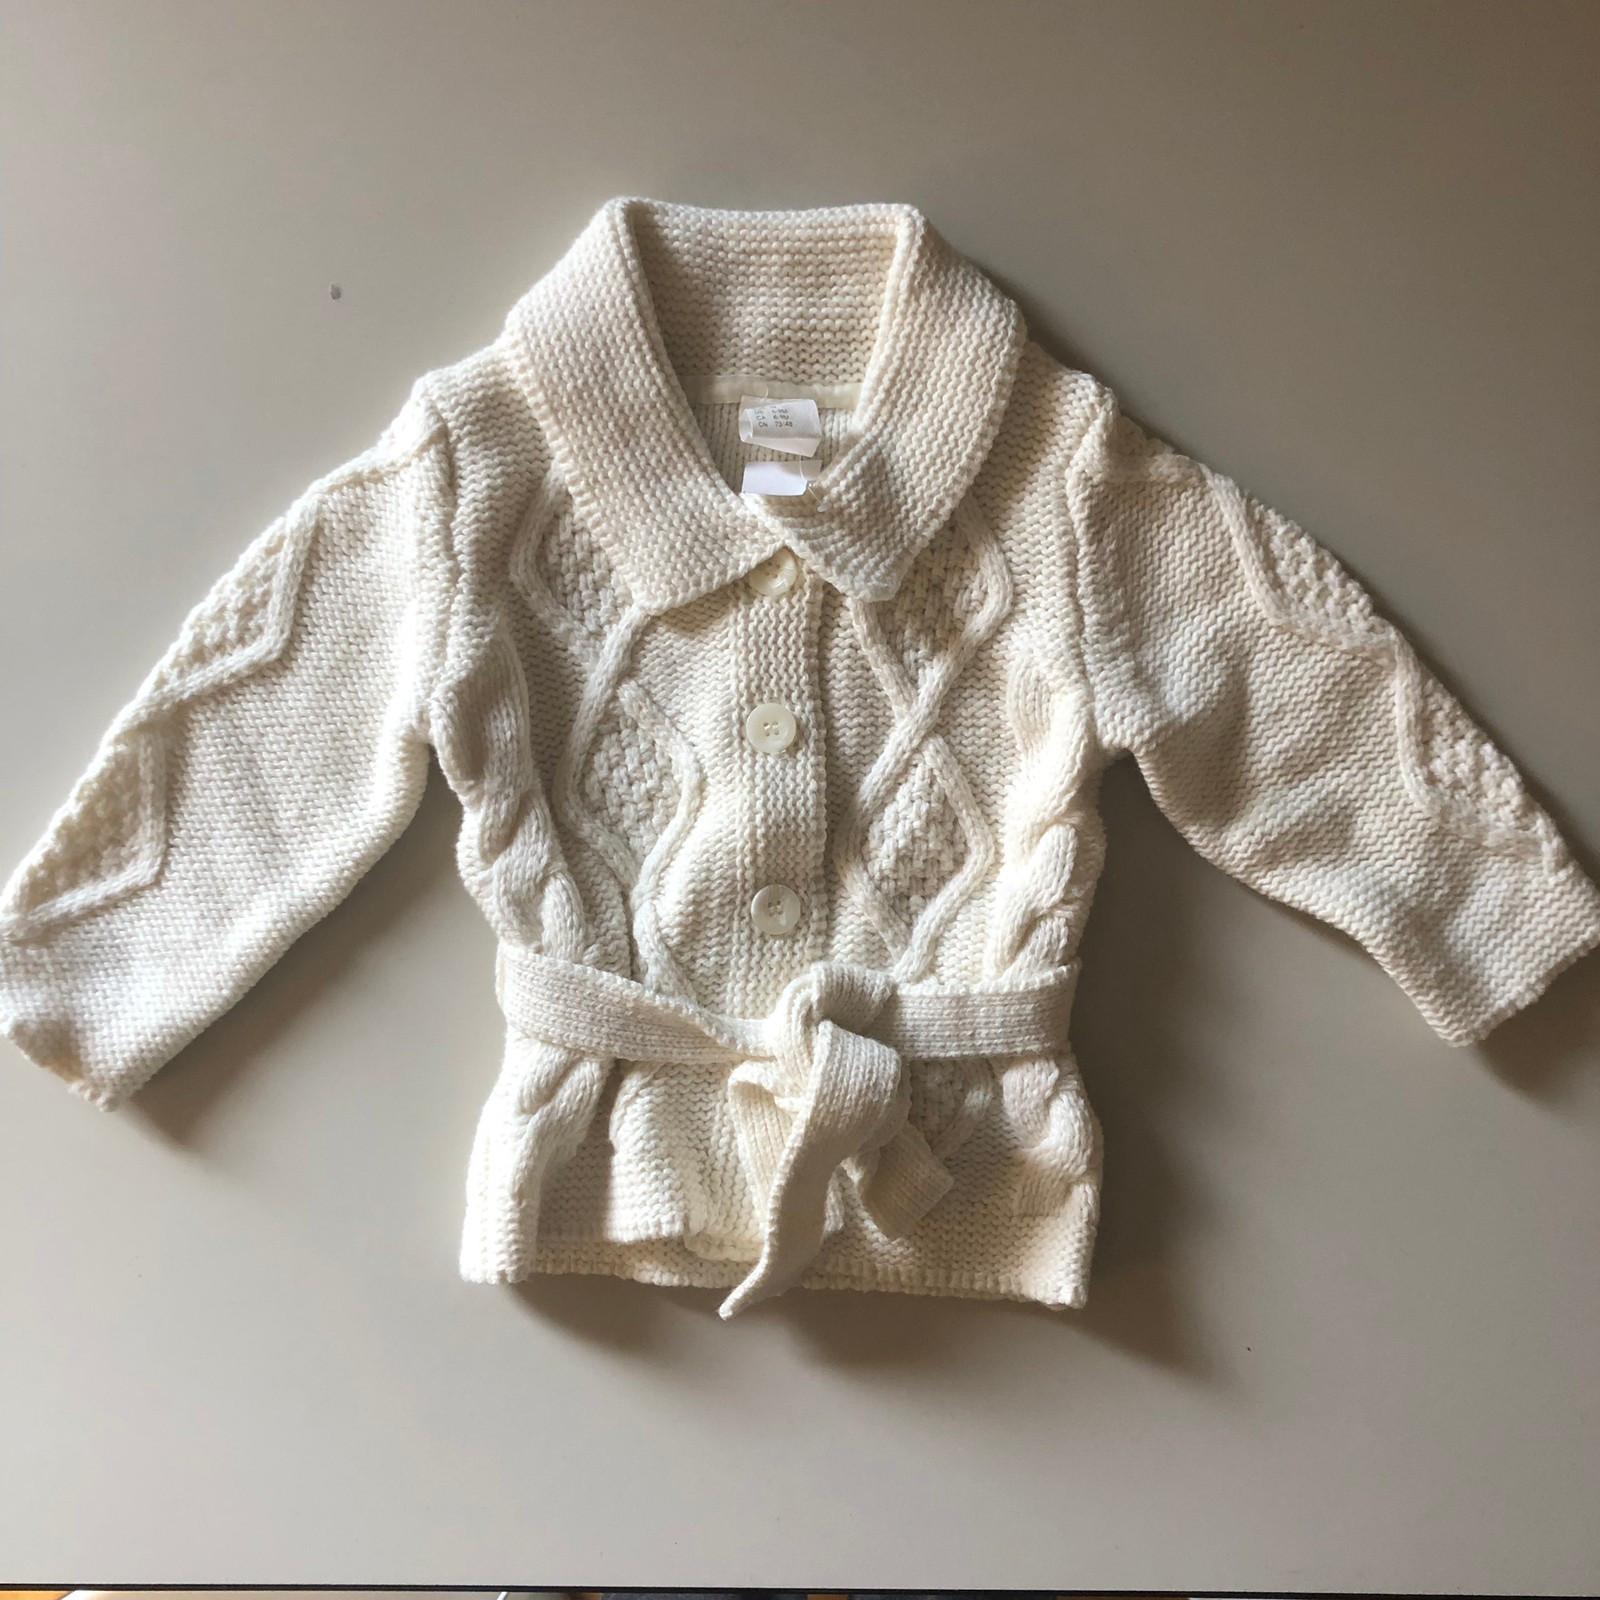 47f065d1 nydelig, hvit strikkejakke. str. 74 (6-9 måneder) 100kr (1/19)